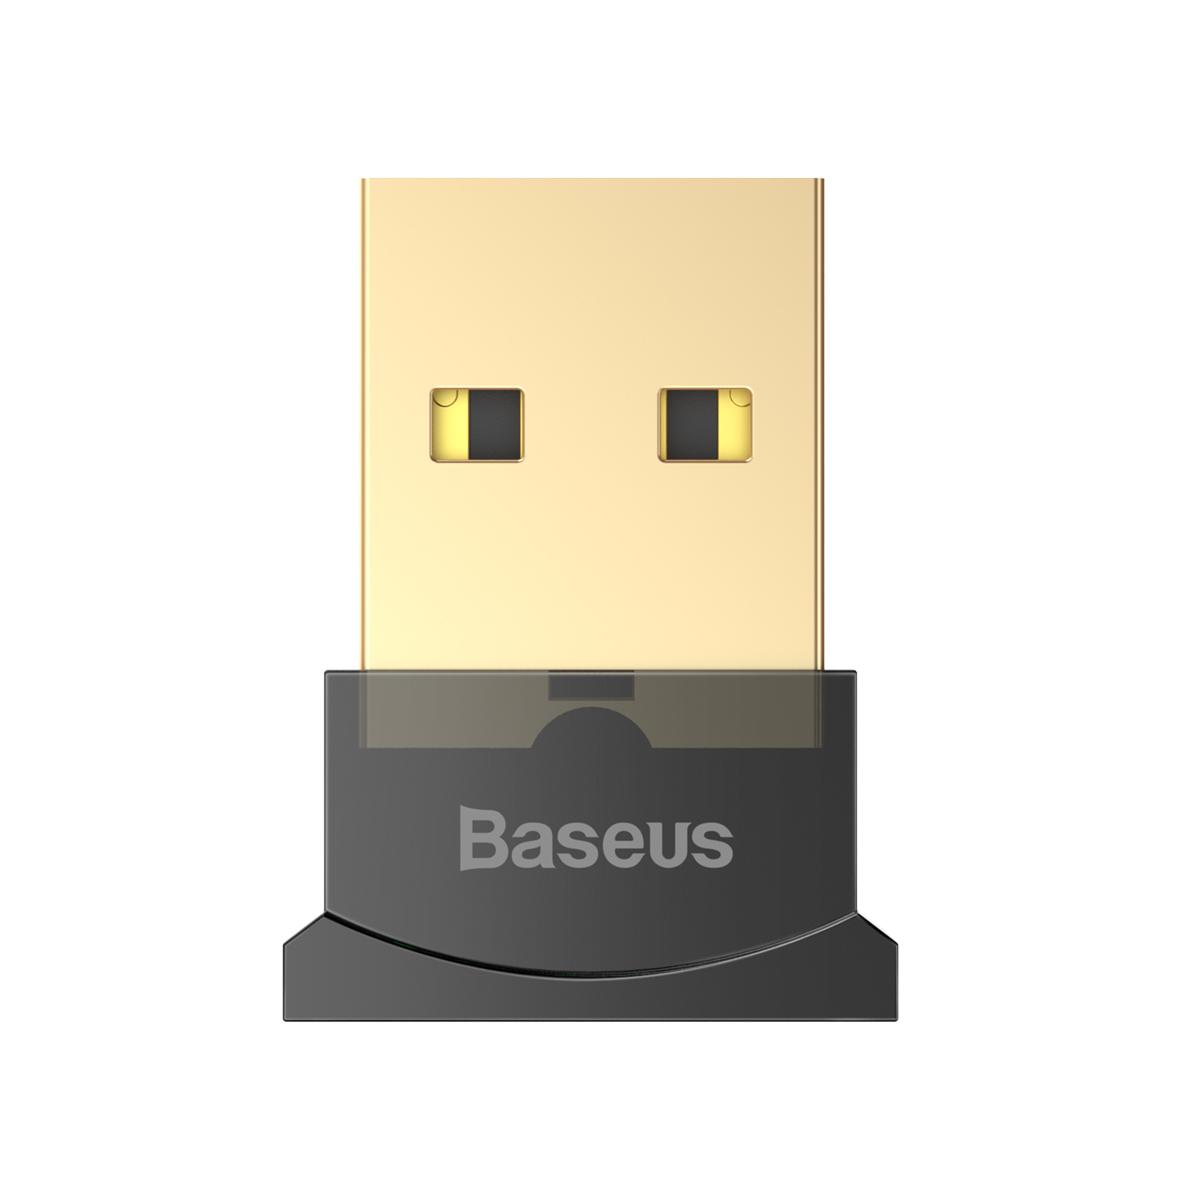 Baseus CCALL-BT01 USB Bluetooth-adapter för laptops, svart